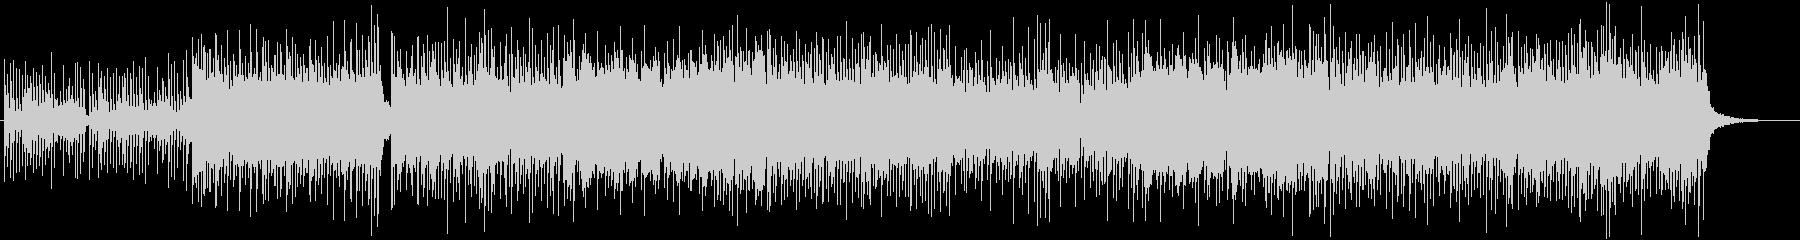 和風、三味線メタル2、激しい(声なし)bの未再生の波形